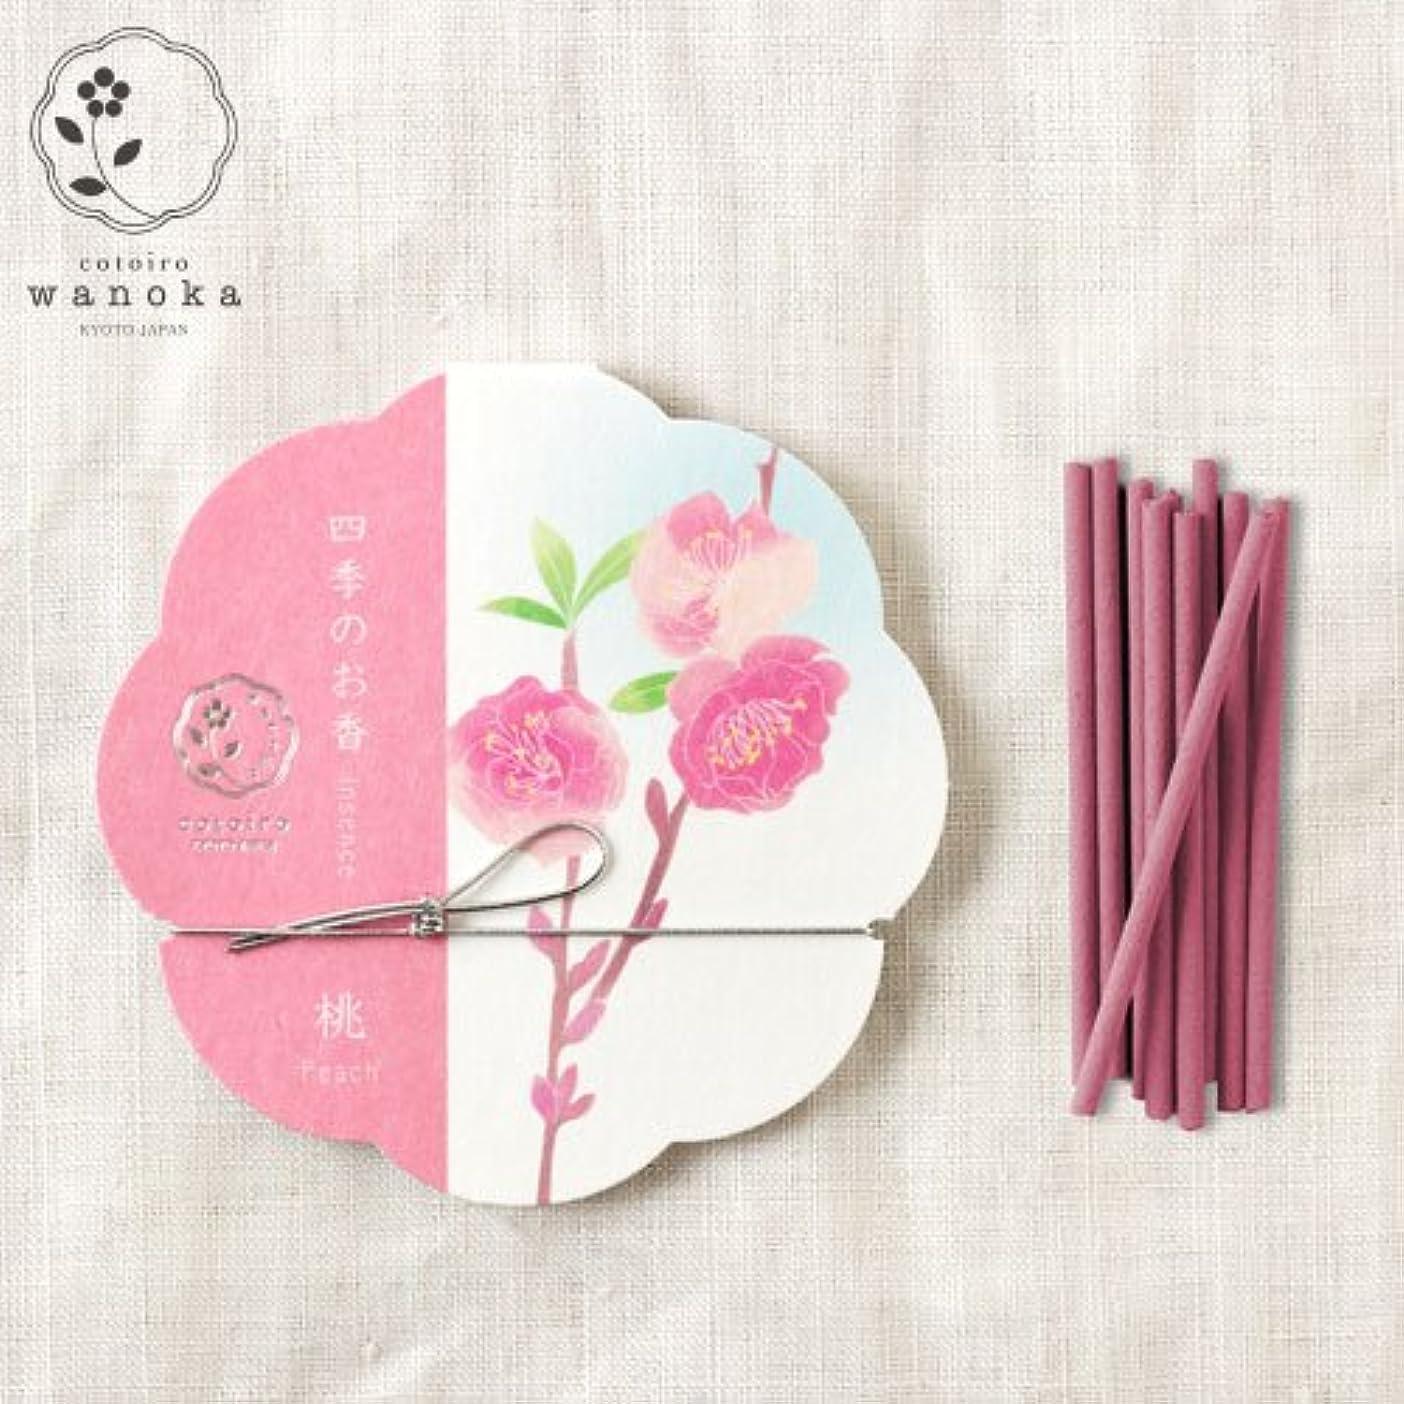 困惑したプラグ工業用wanoka四季のお香(インセンス)桃《桃のお花をイメージした甘い香り》ART LABIncense stick